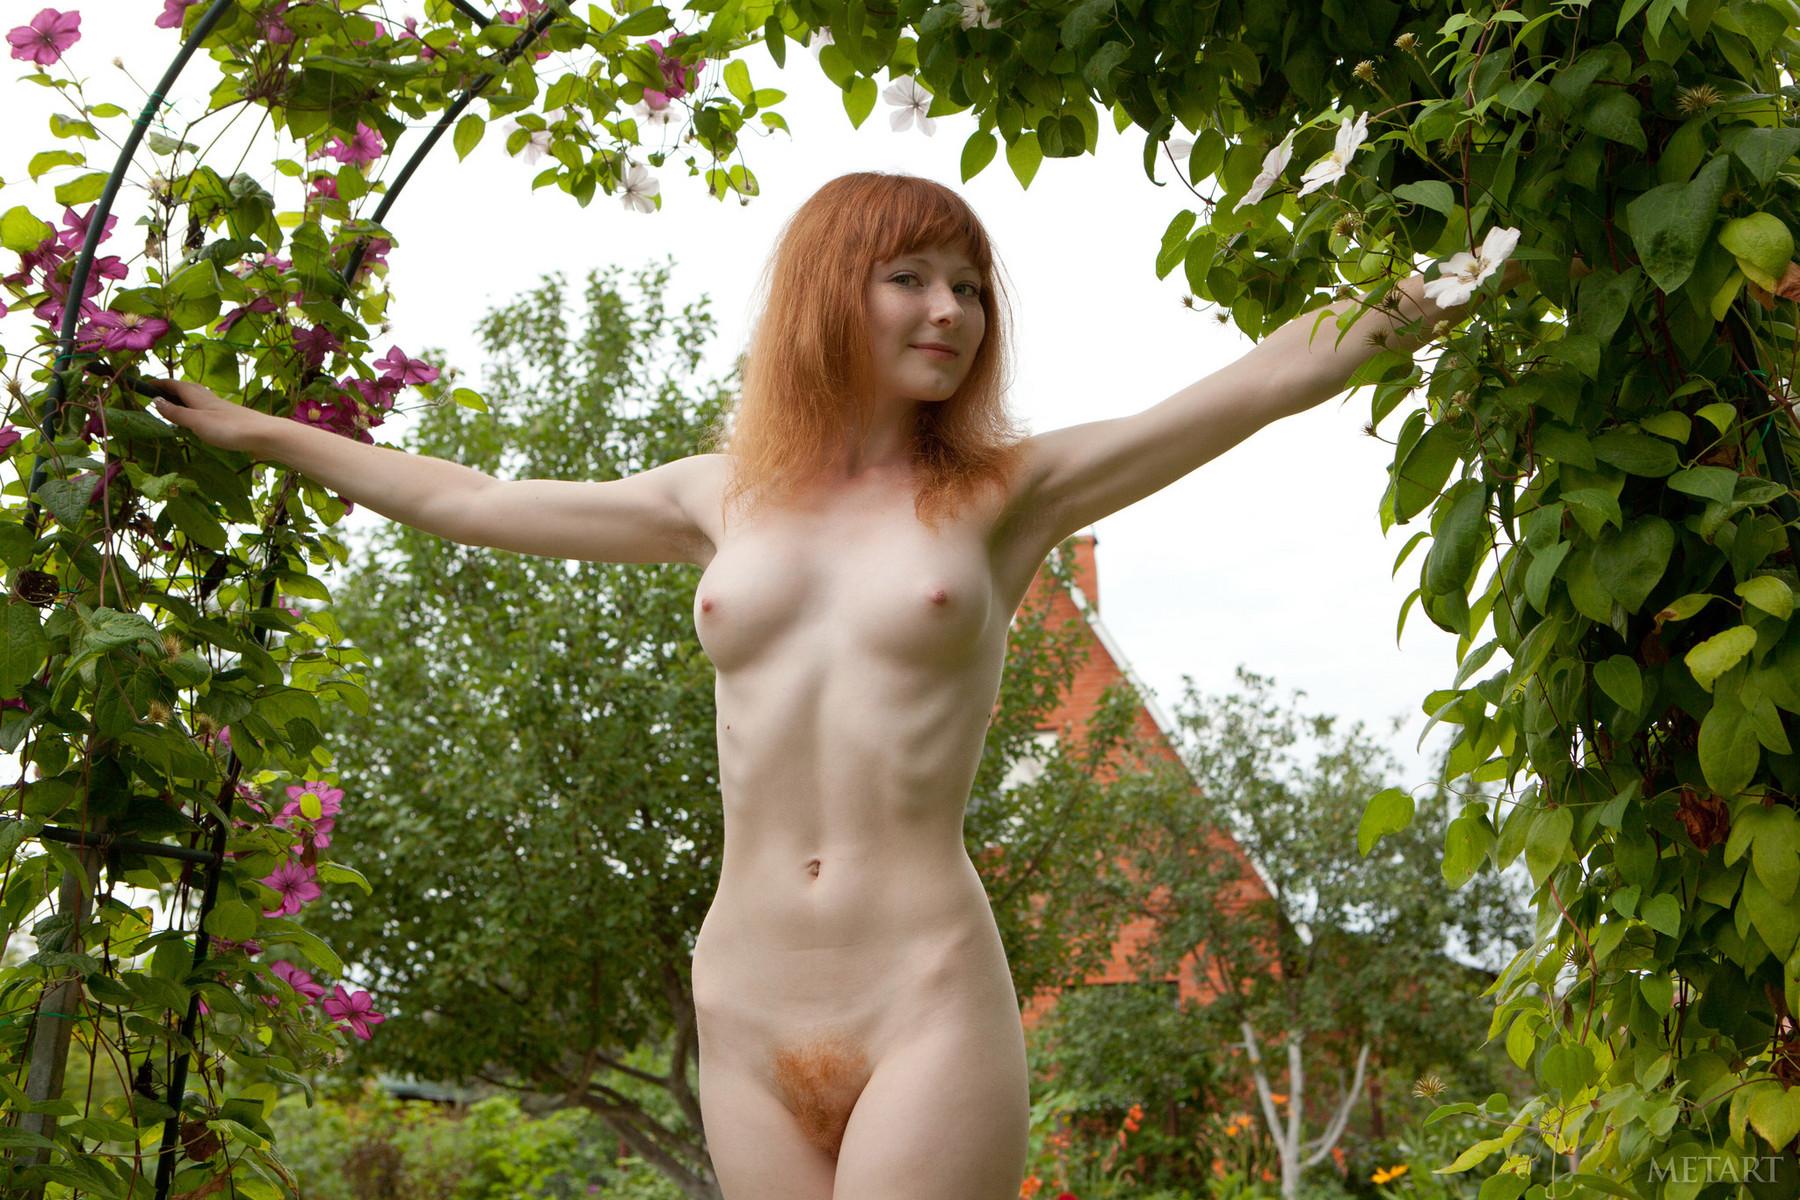 Рыжая девушка с веснушками голая 4 фотография